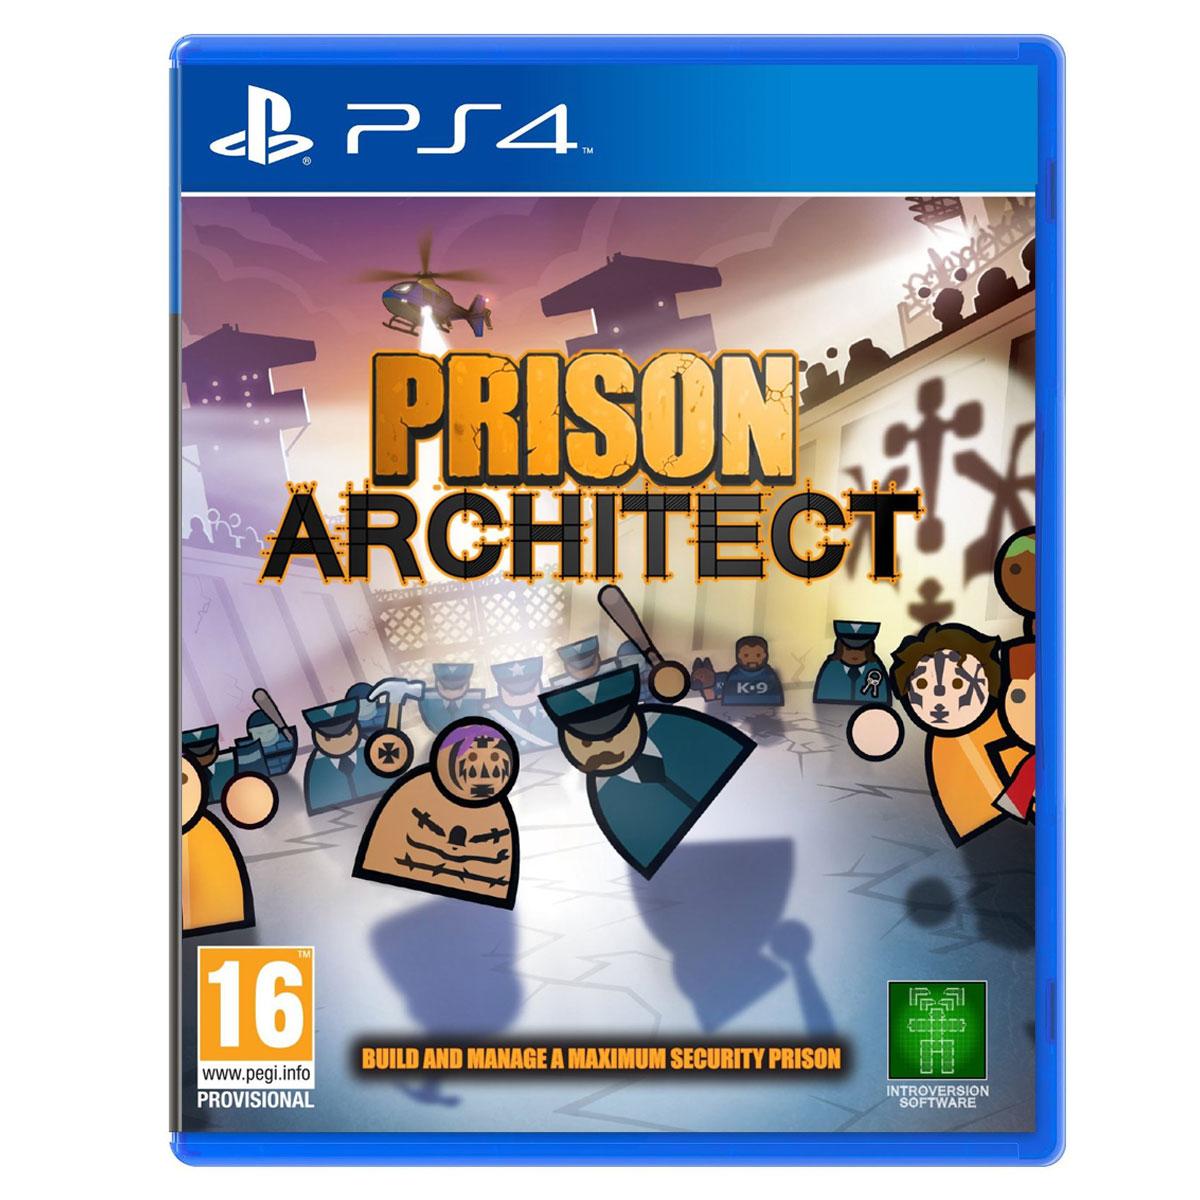 Prison architect ps4 jeux ps4 introversion software sur - Jeux en ligne ps4 ...